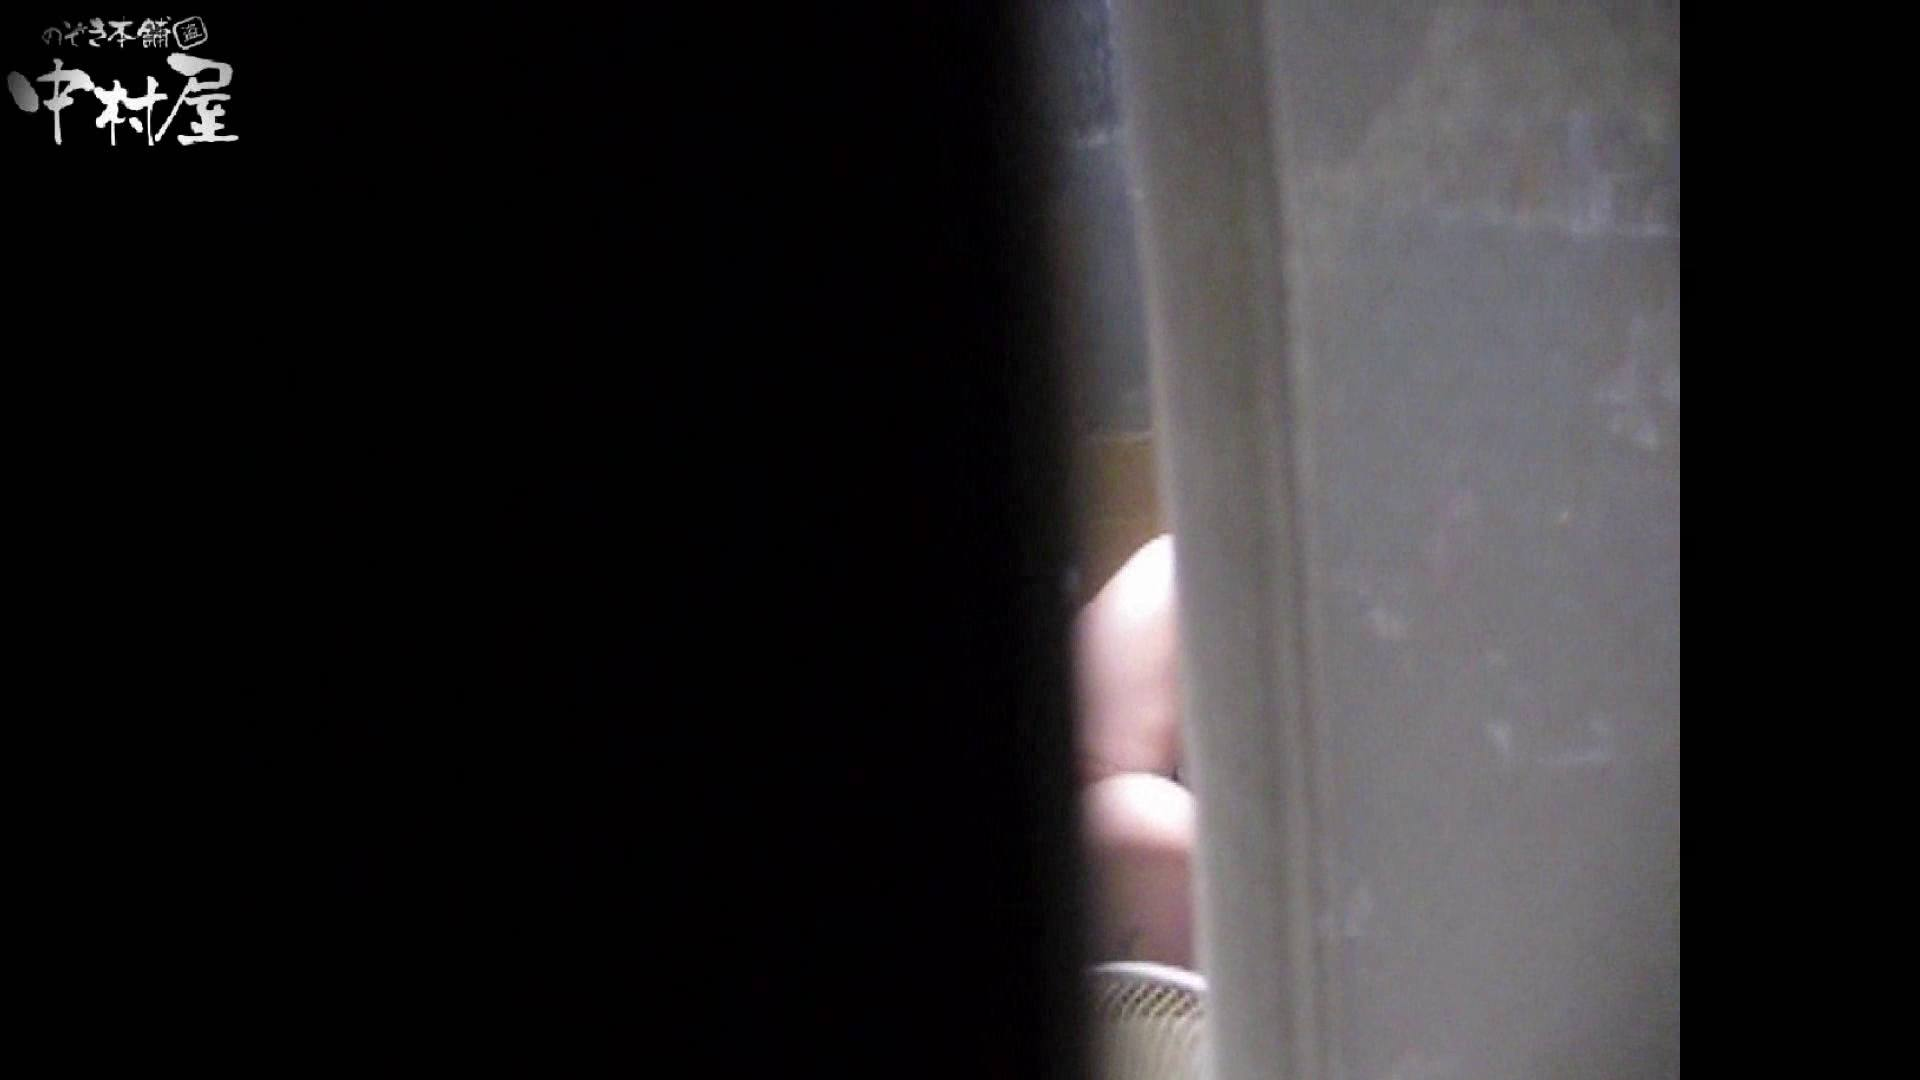 民家風呂専門盗撮師の超危険映像 vol.021 民家 ヌード画像 88連発 69